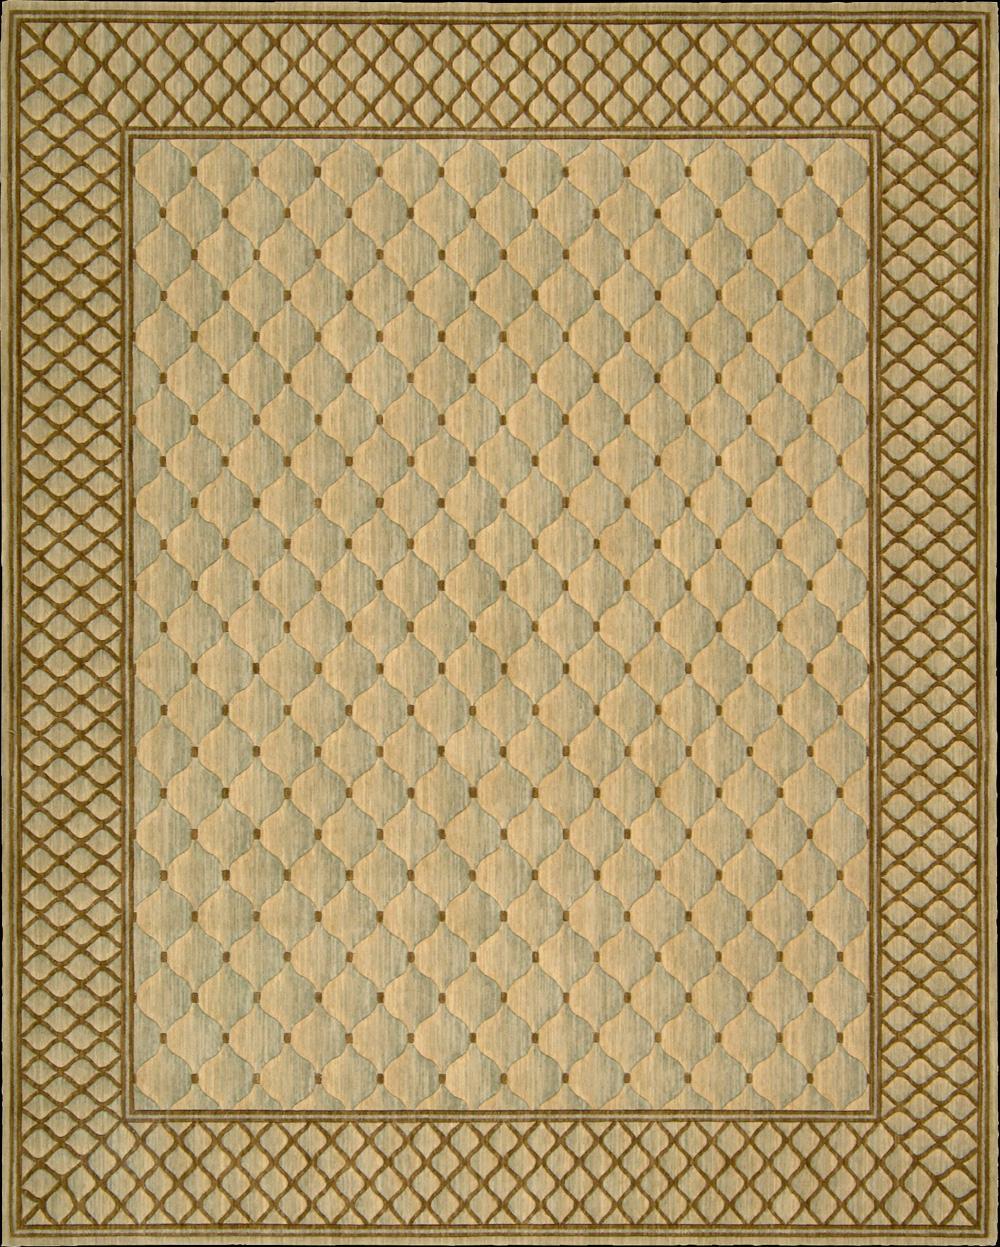 Nourison Vallencierre Area Rug 2' x 3' - Item Number: 61799